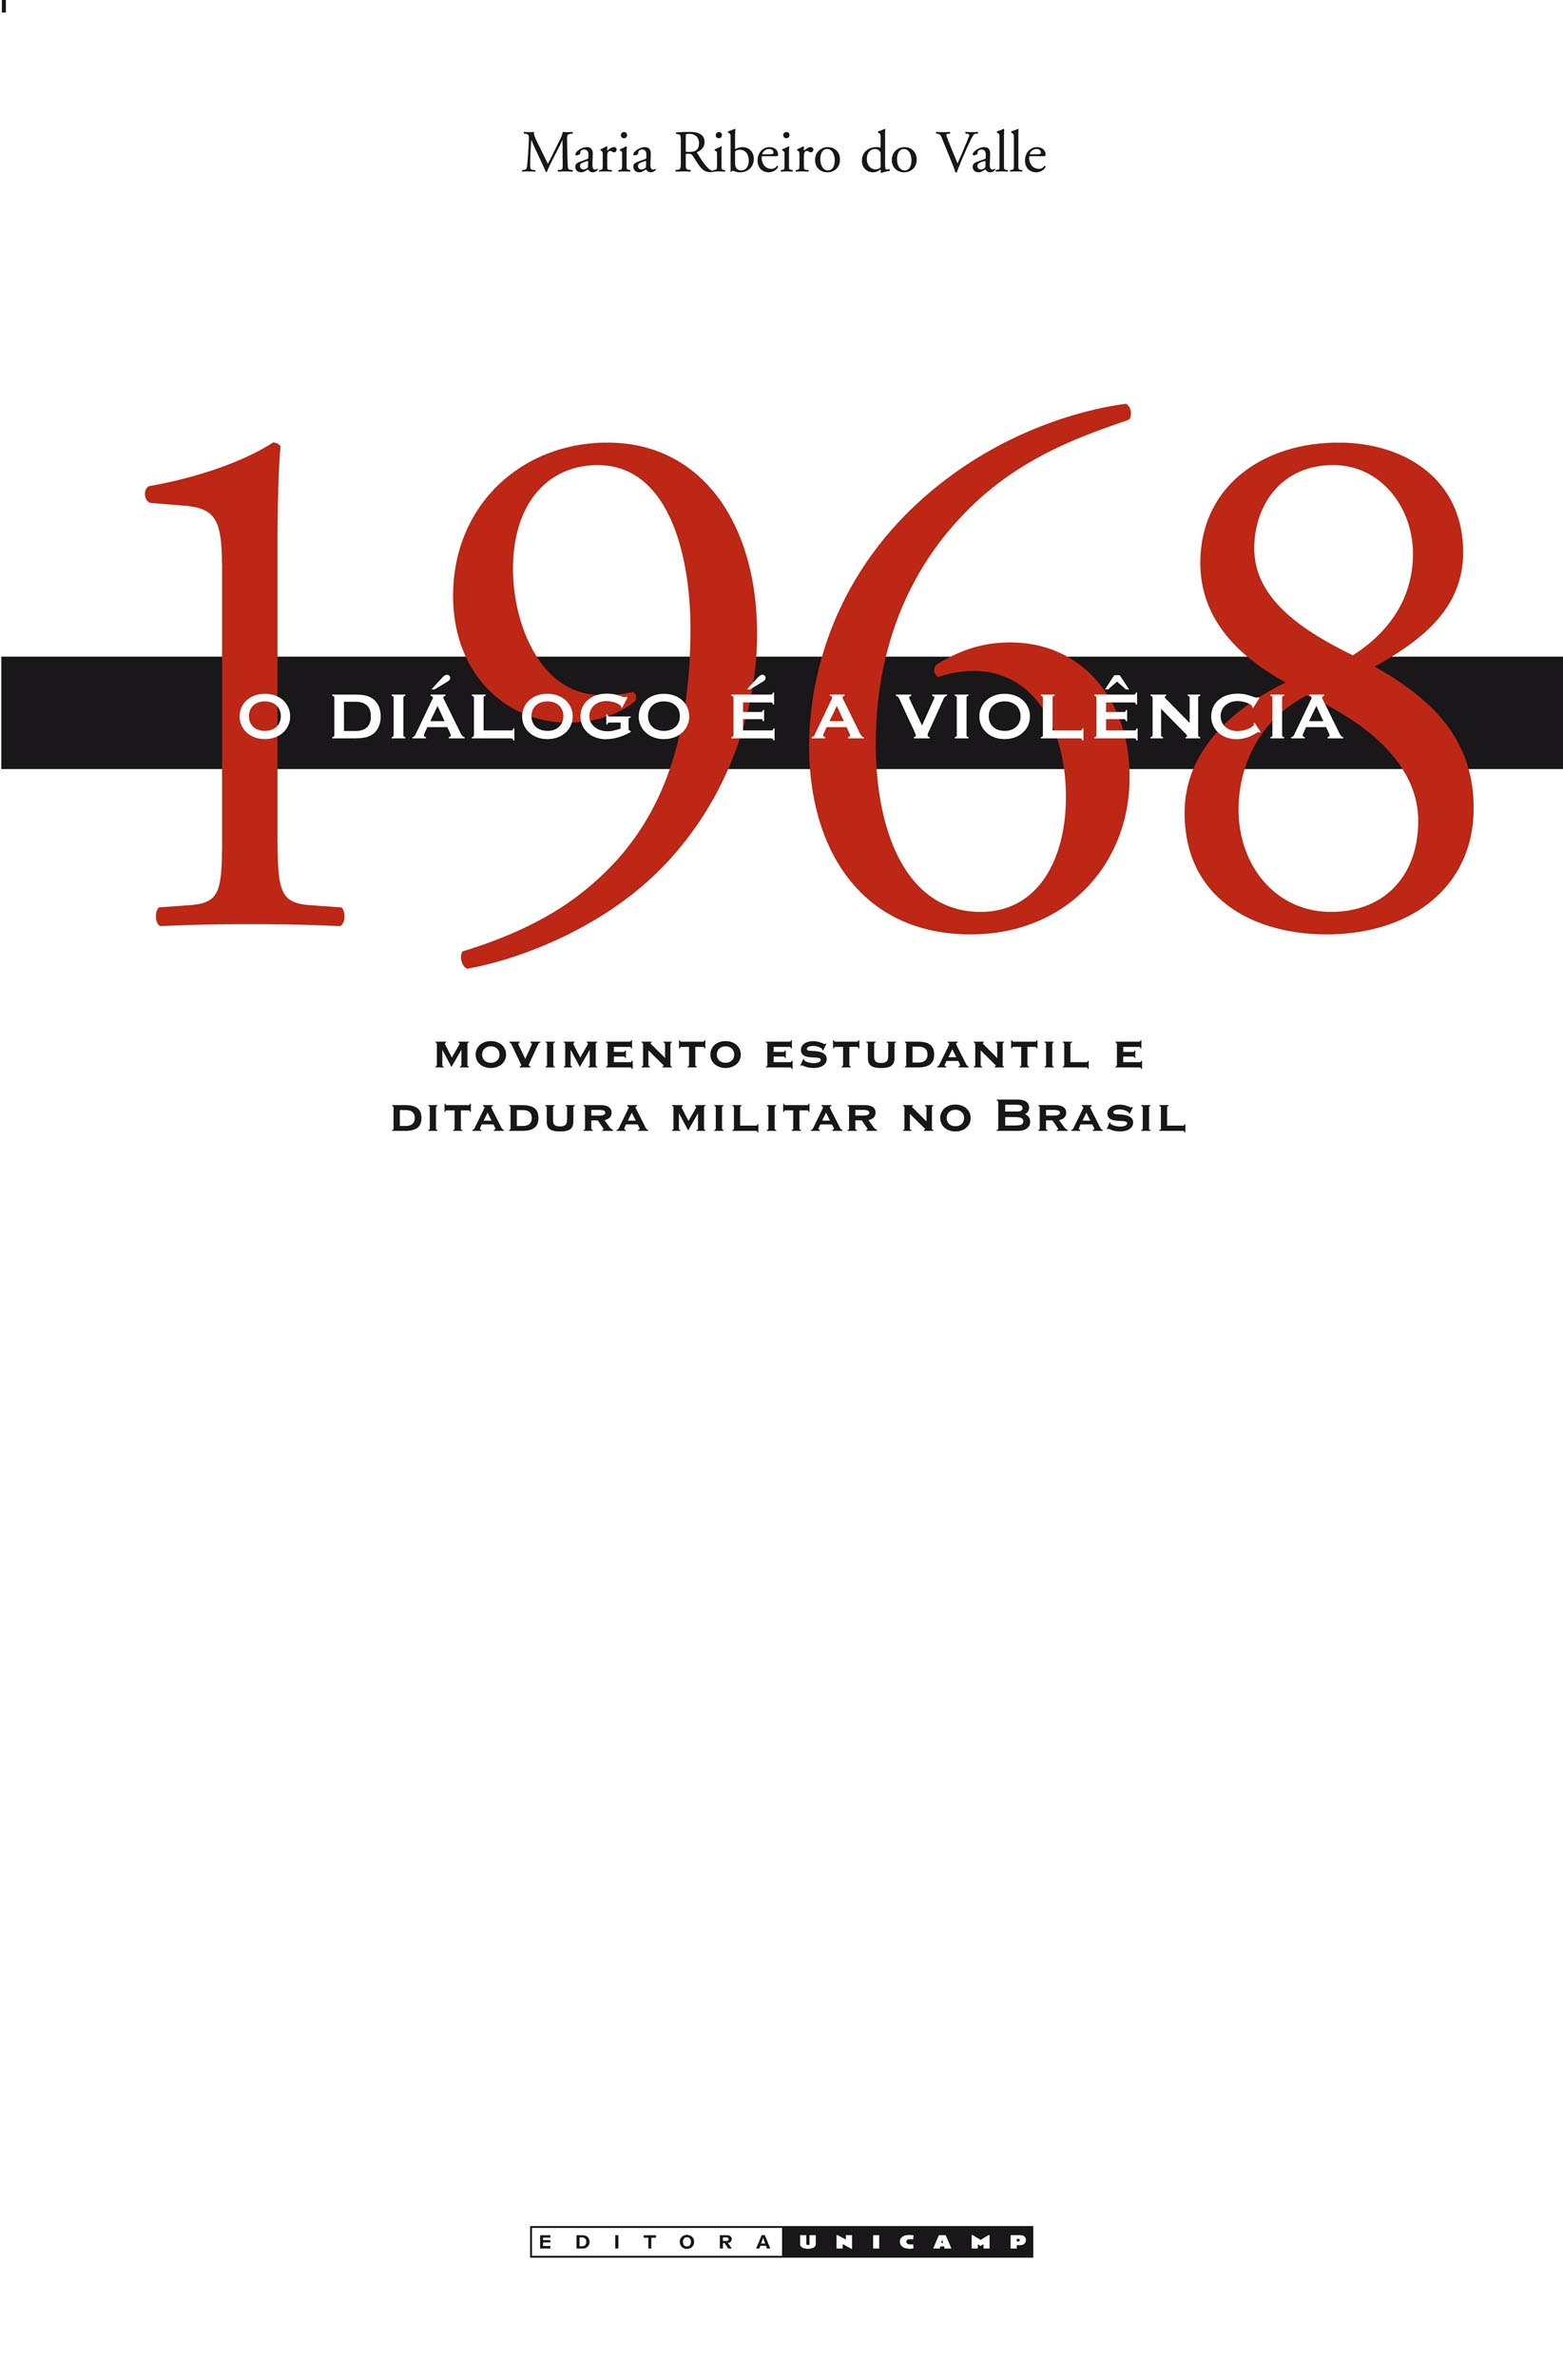 1968: O diálogo é a violência - Movimento estudantil e ditadura militar no Brasil, livro de Maria Ribeiro do Valle